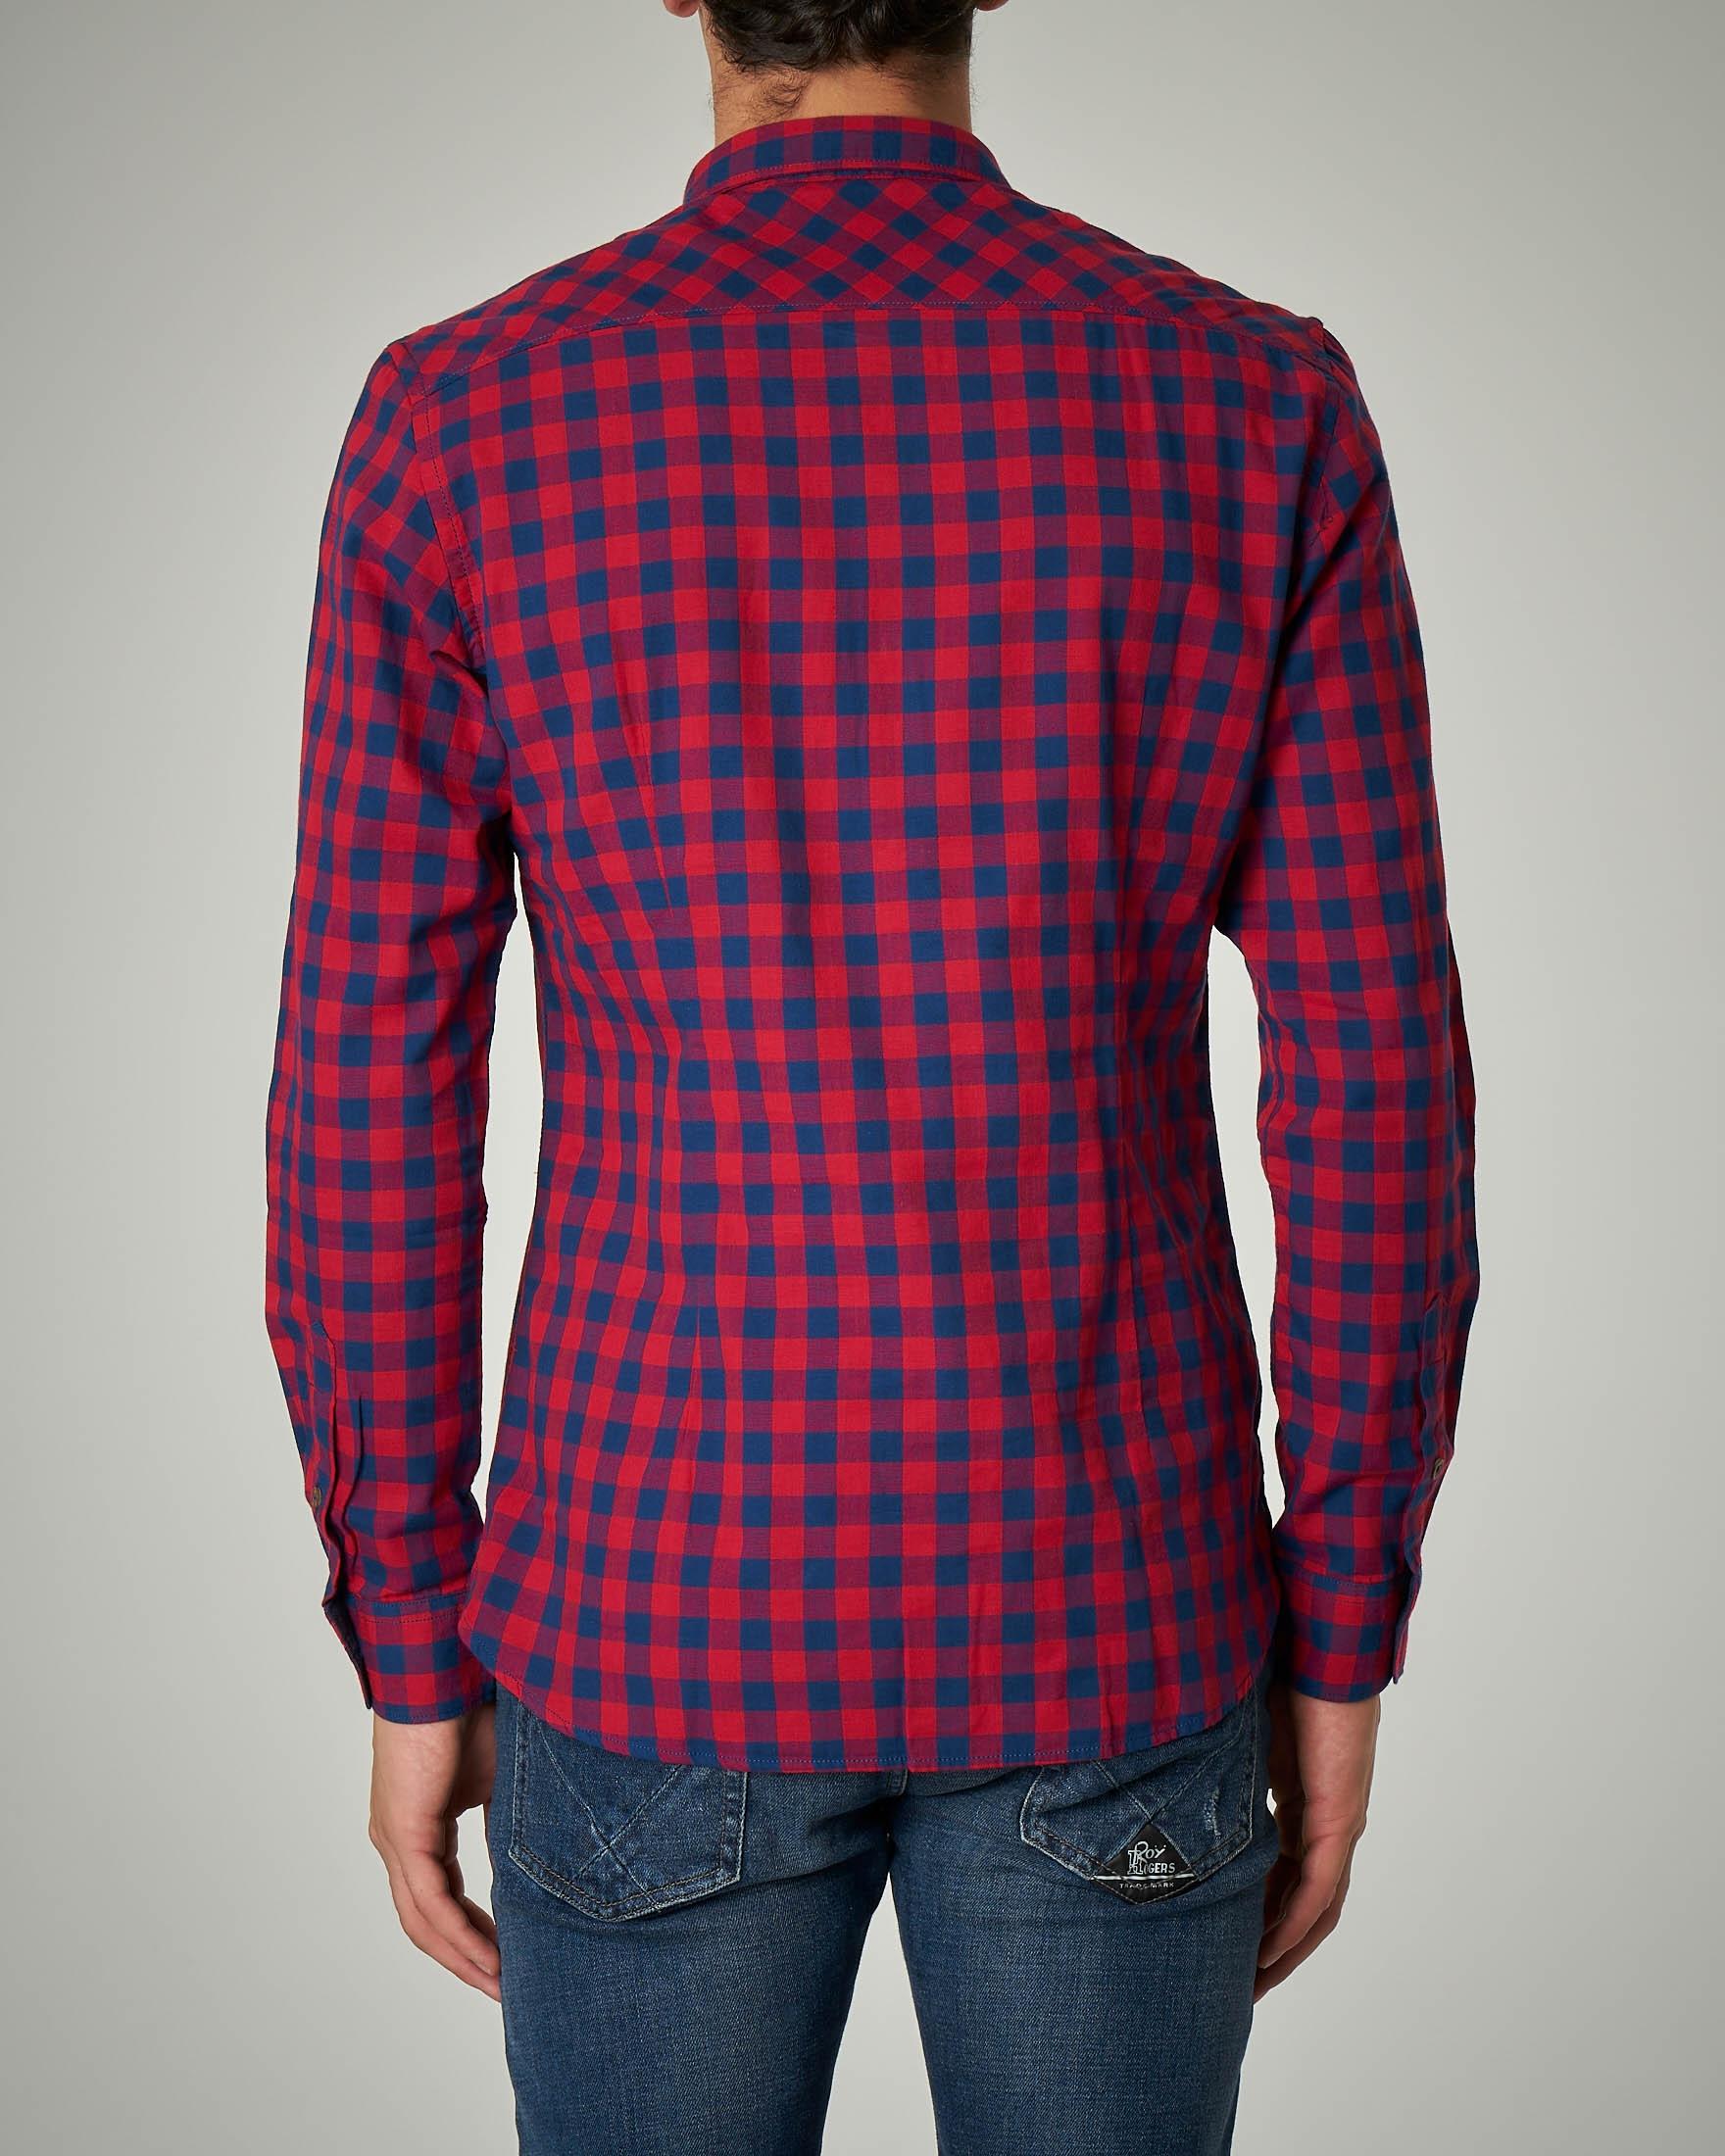 innovative design d8071 78060 Camicia a quadri rossi e blu   Pellizzari E-commerce